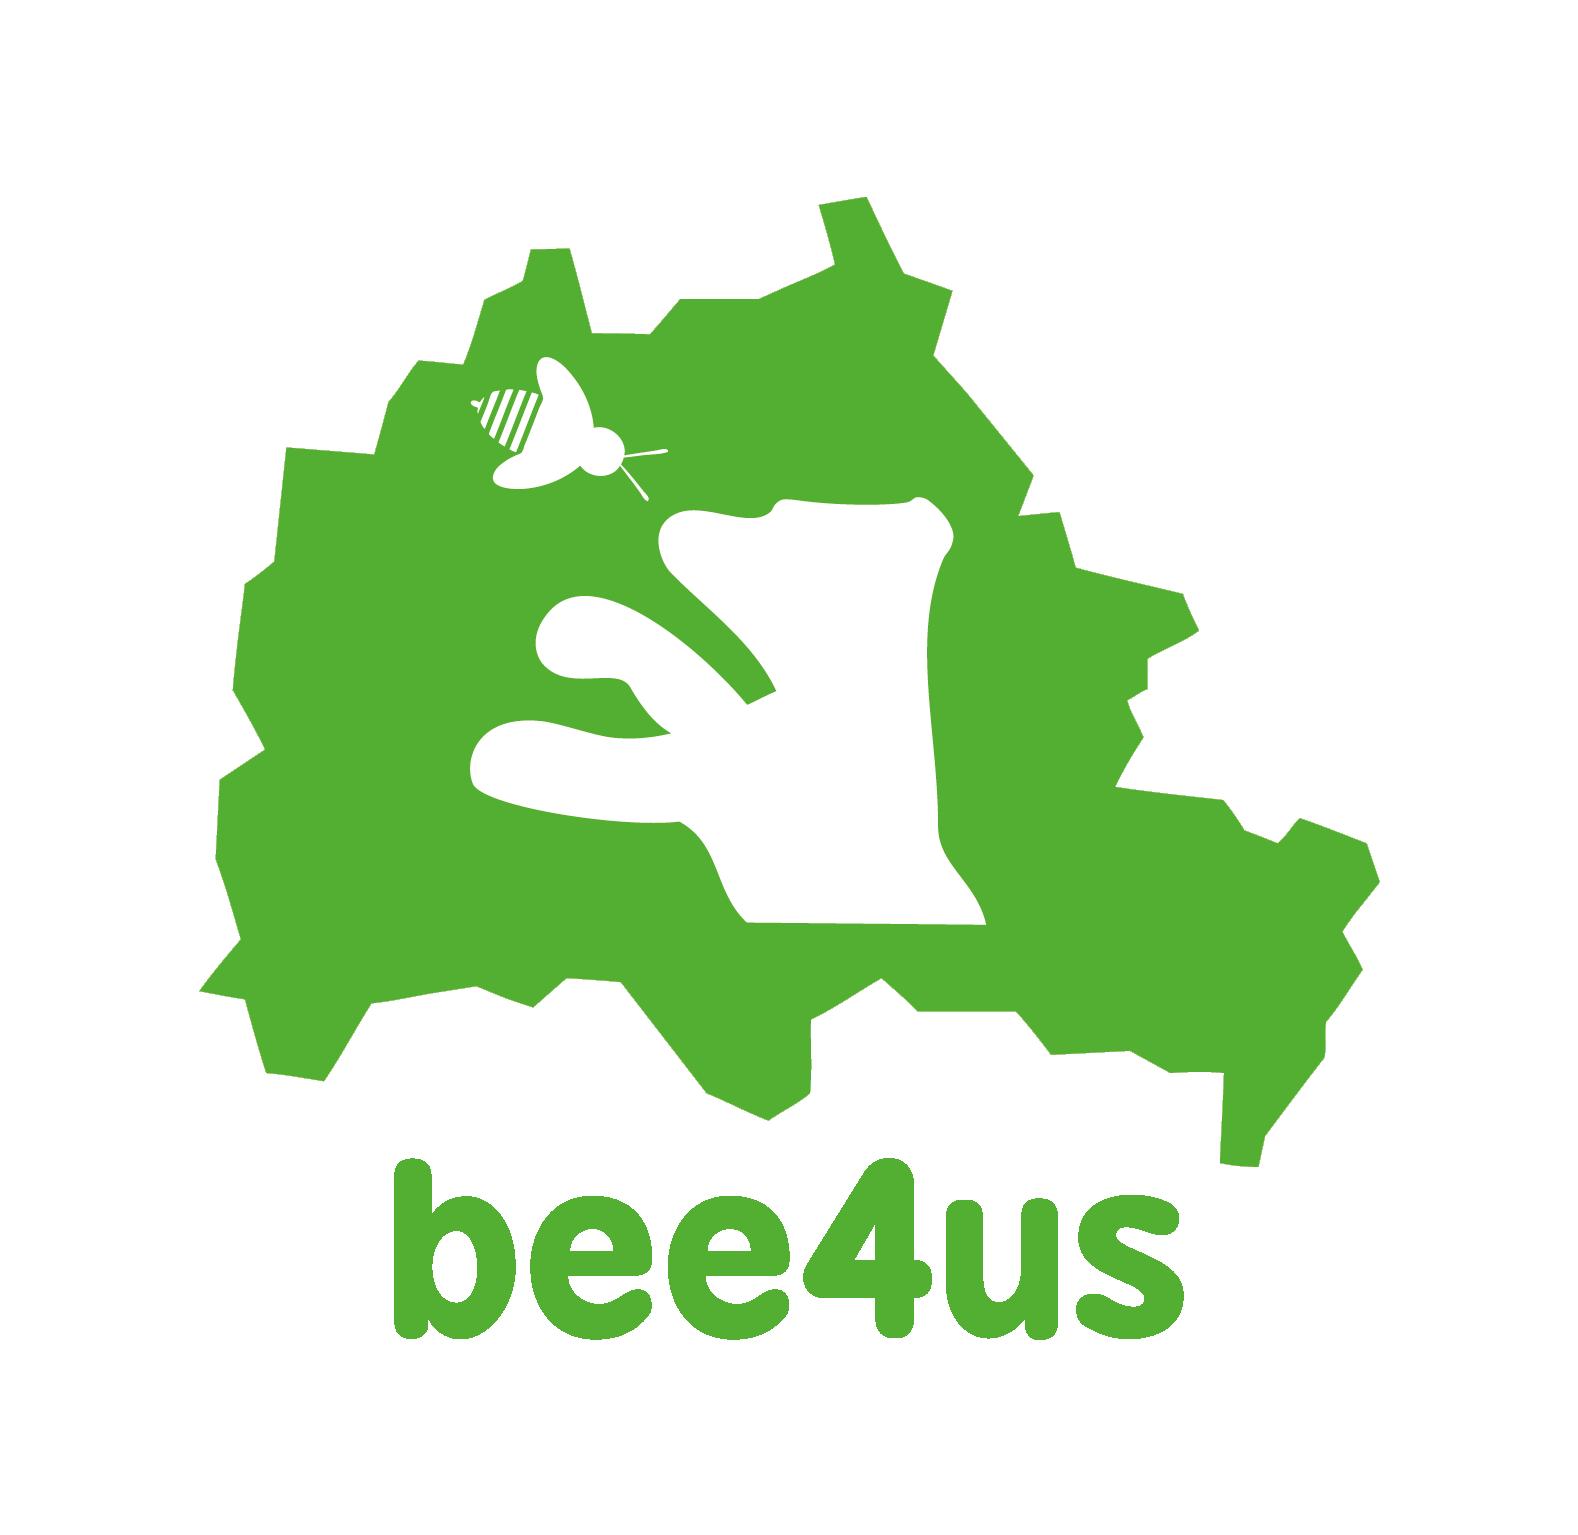 bee4us Ideenschmiede